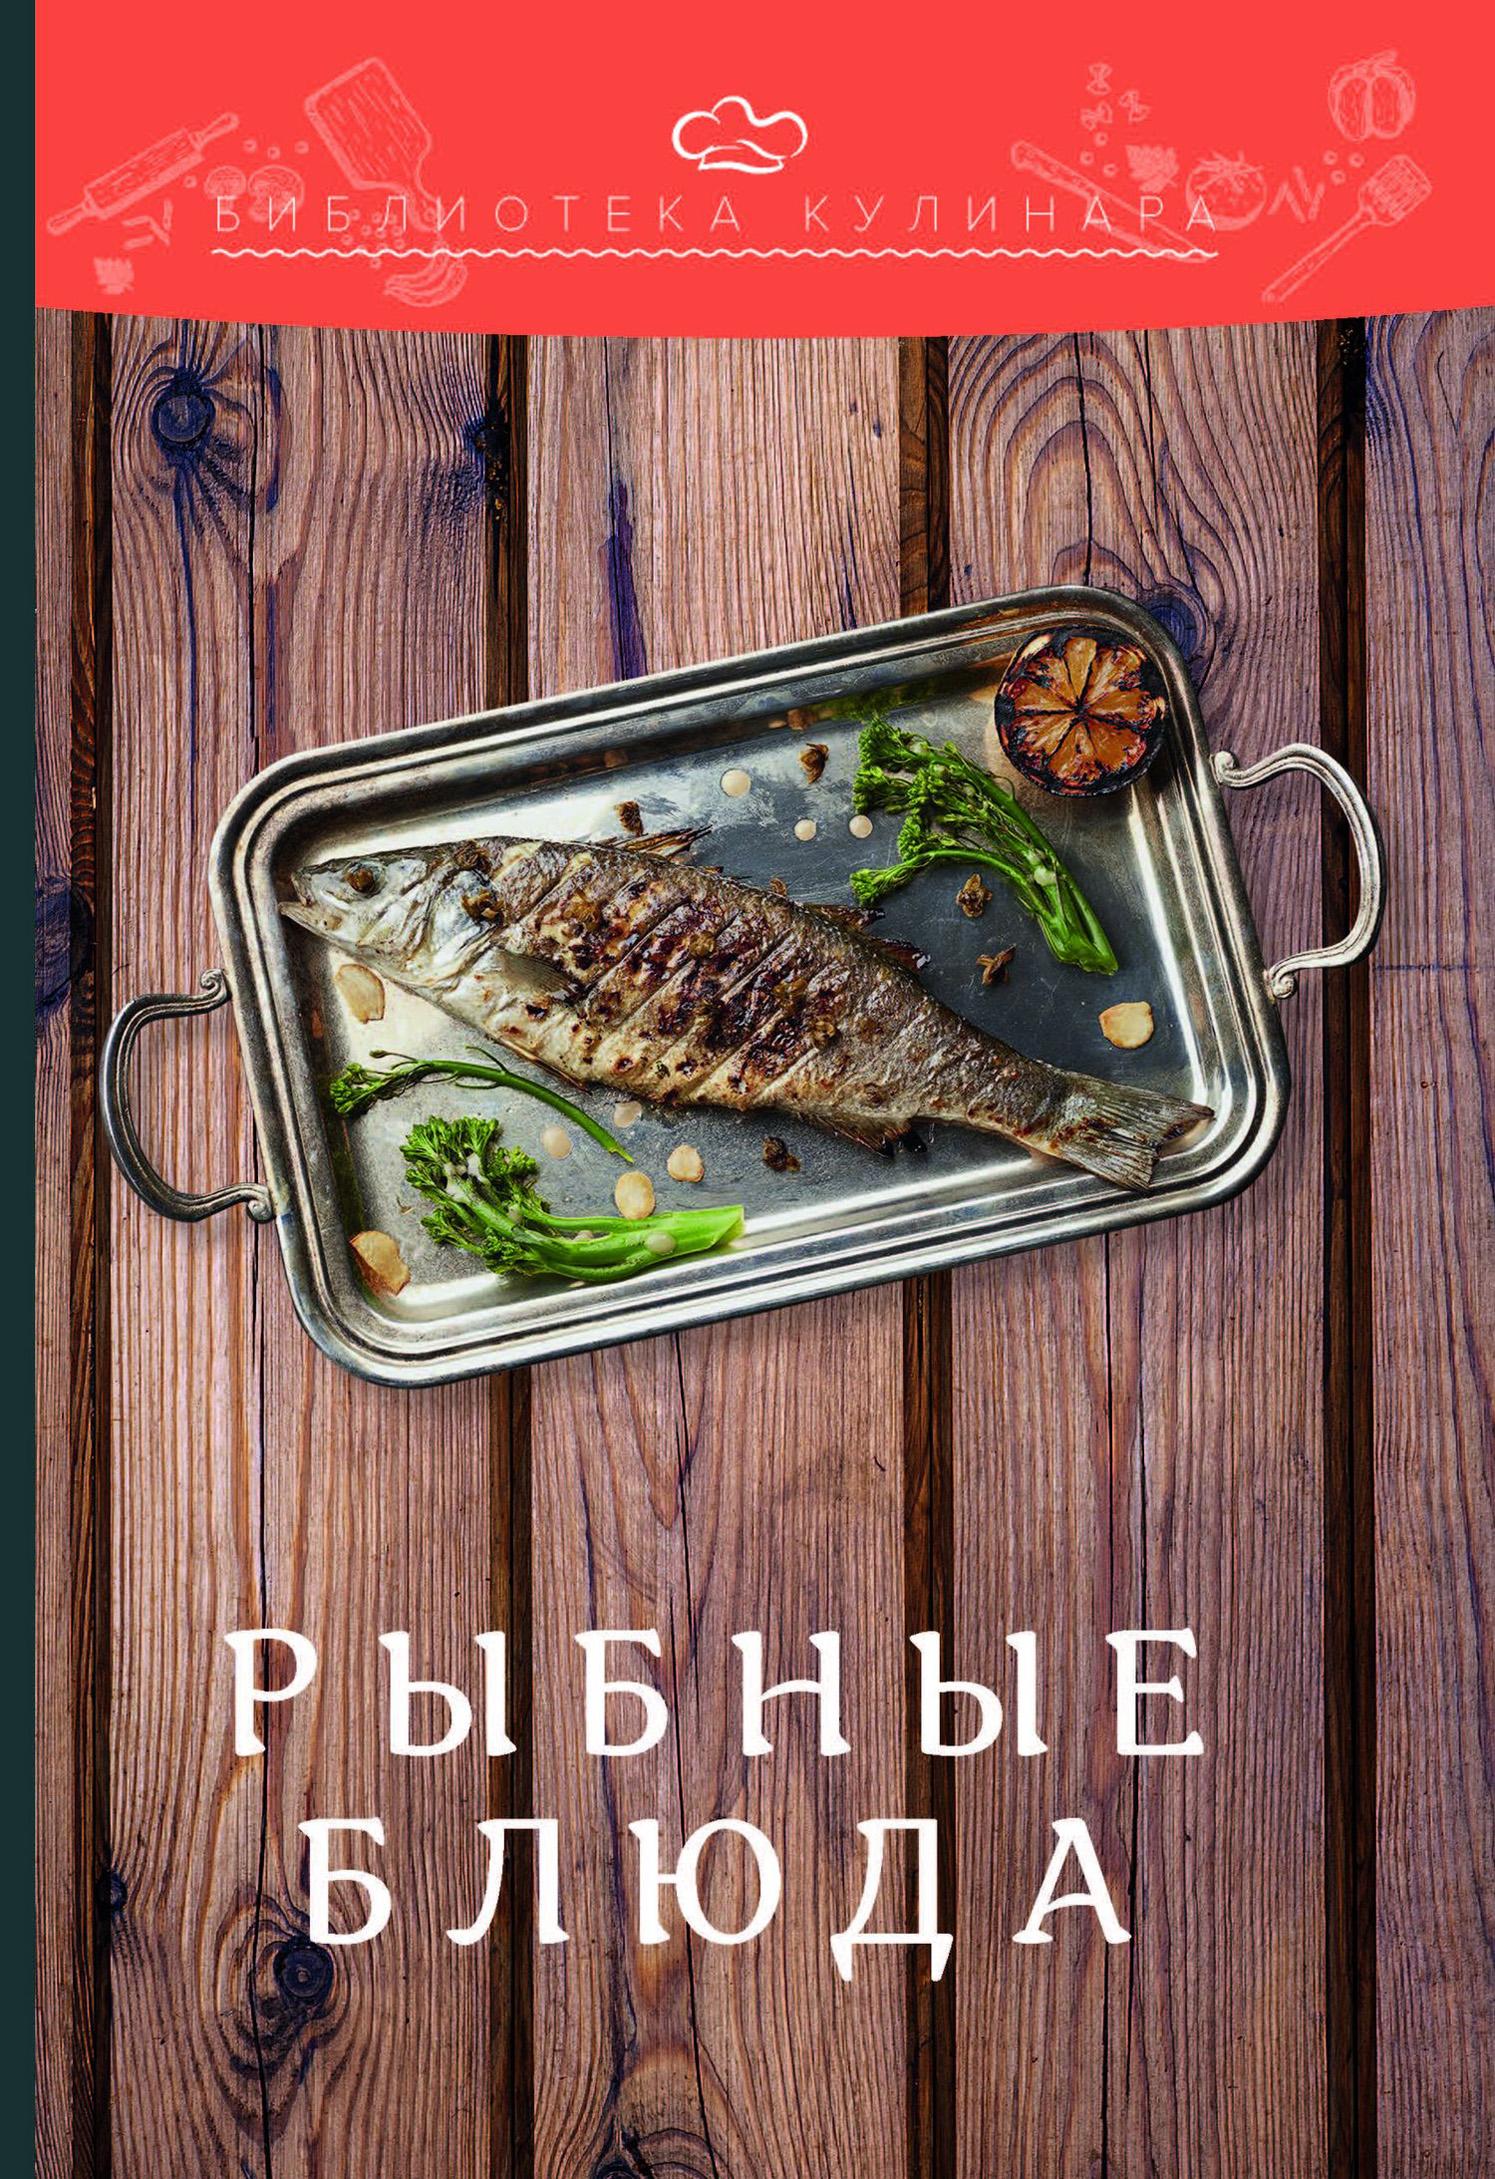 Александр Ратушный Рыбные блюда мясные и рыбные блюда в горшочках